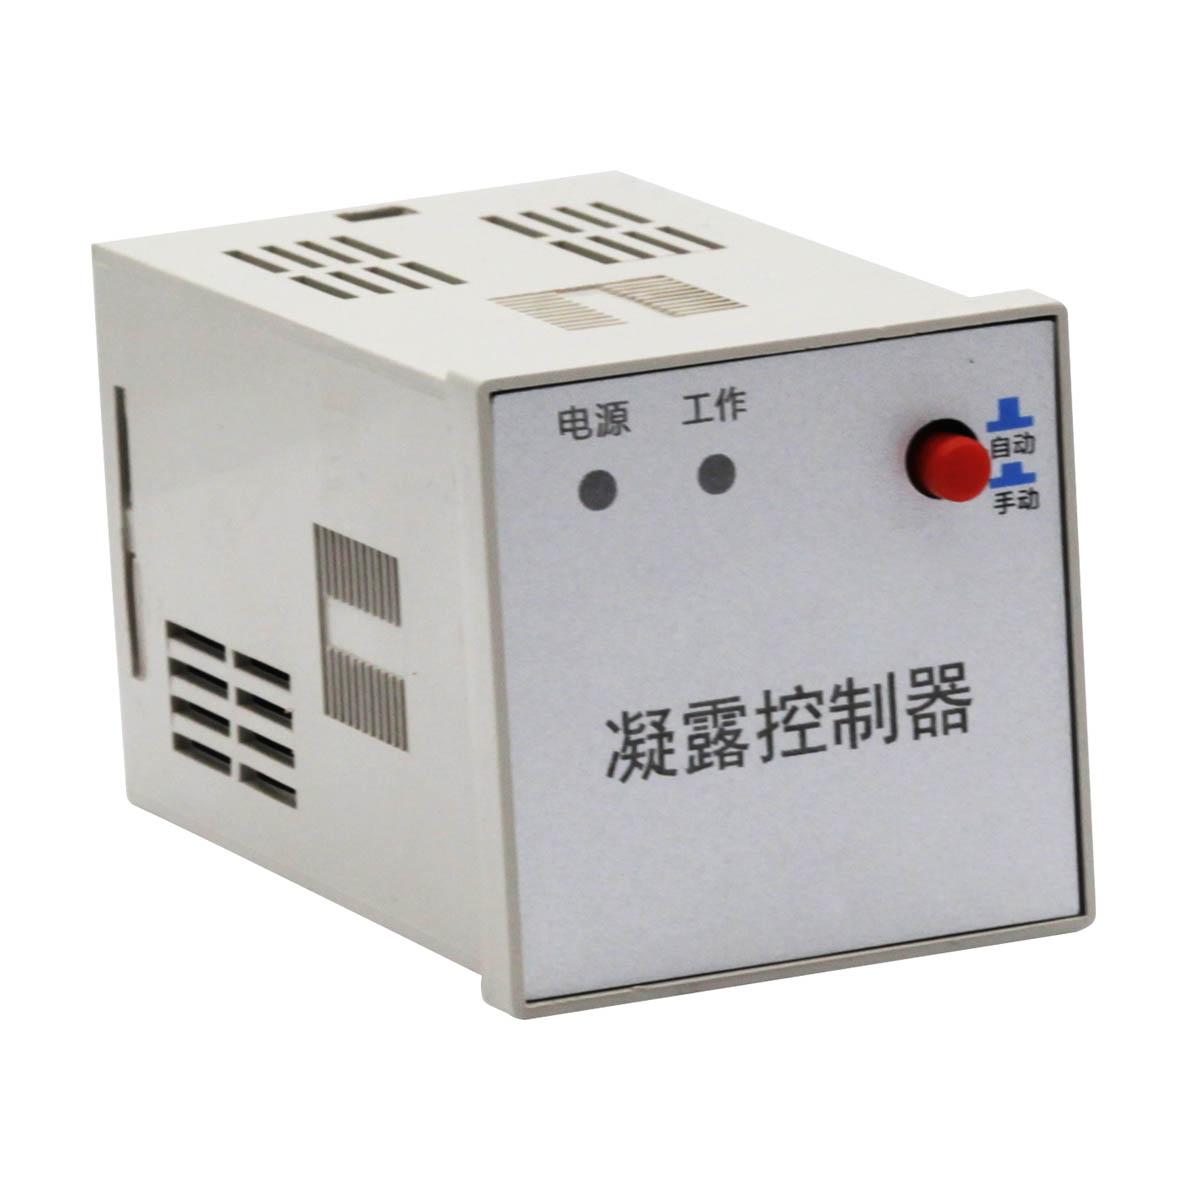 广西来宾HPD70E-1-40-400-7-1无功补偿模组精华